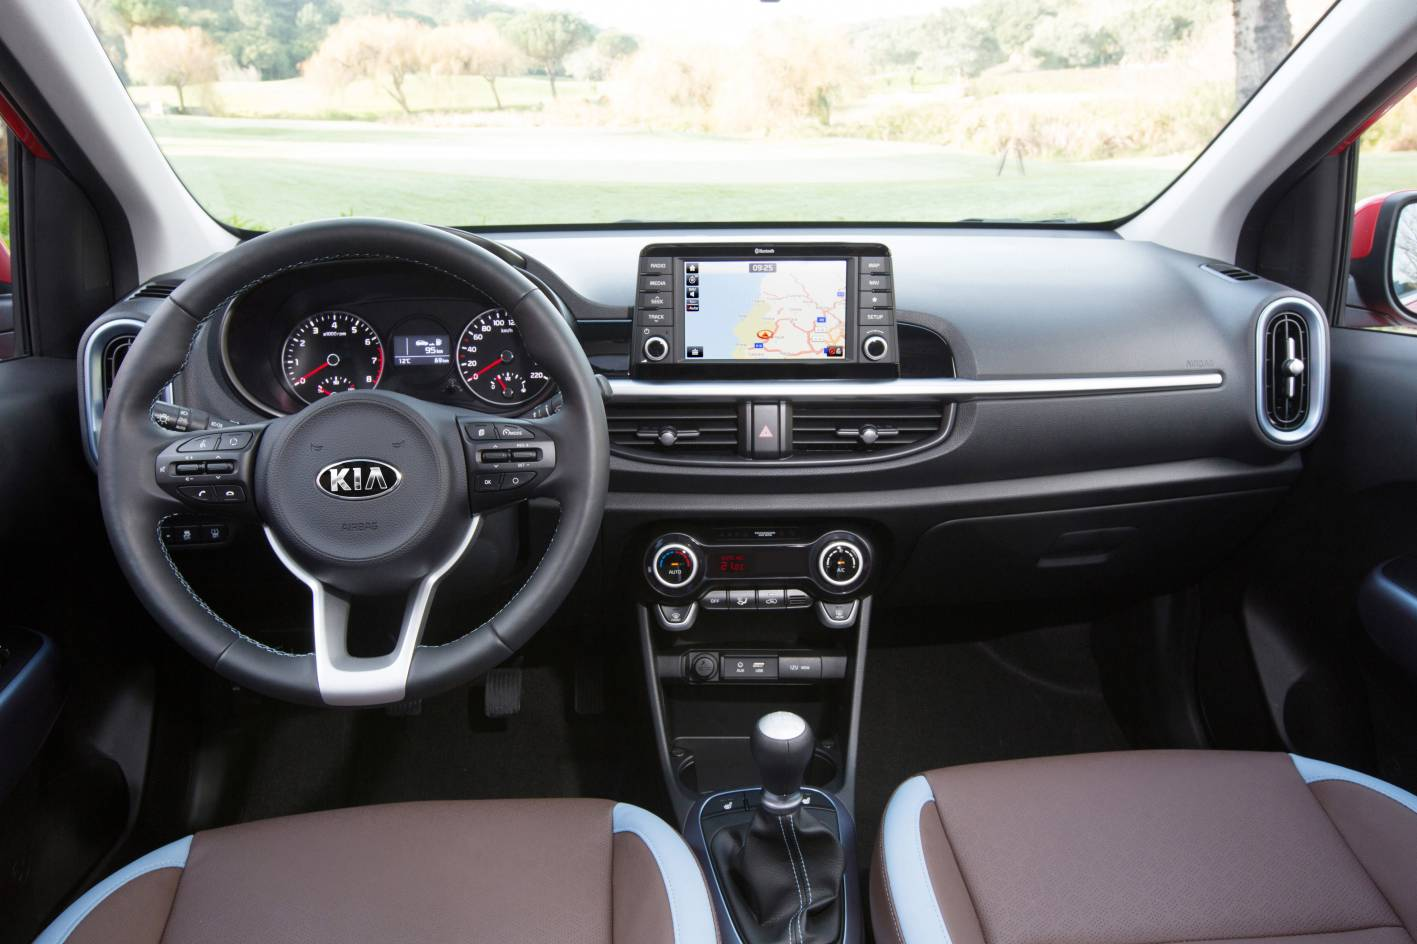 2017 Kia Picanto-interior  